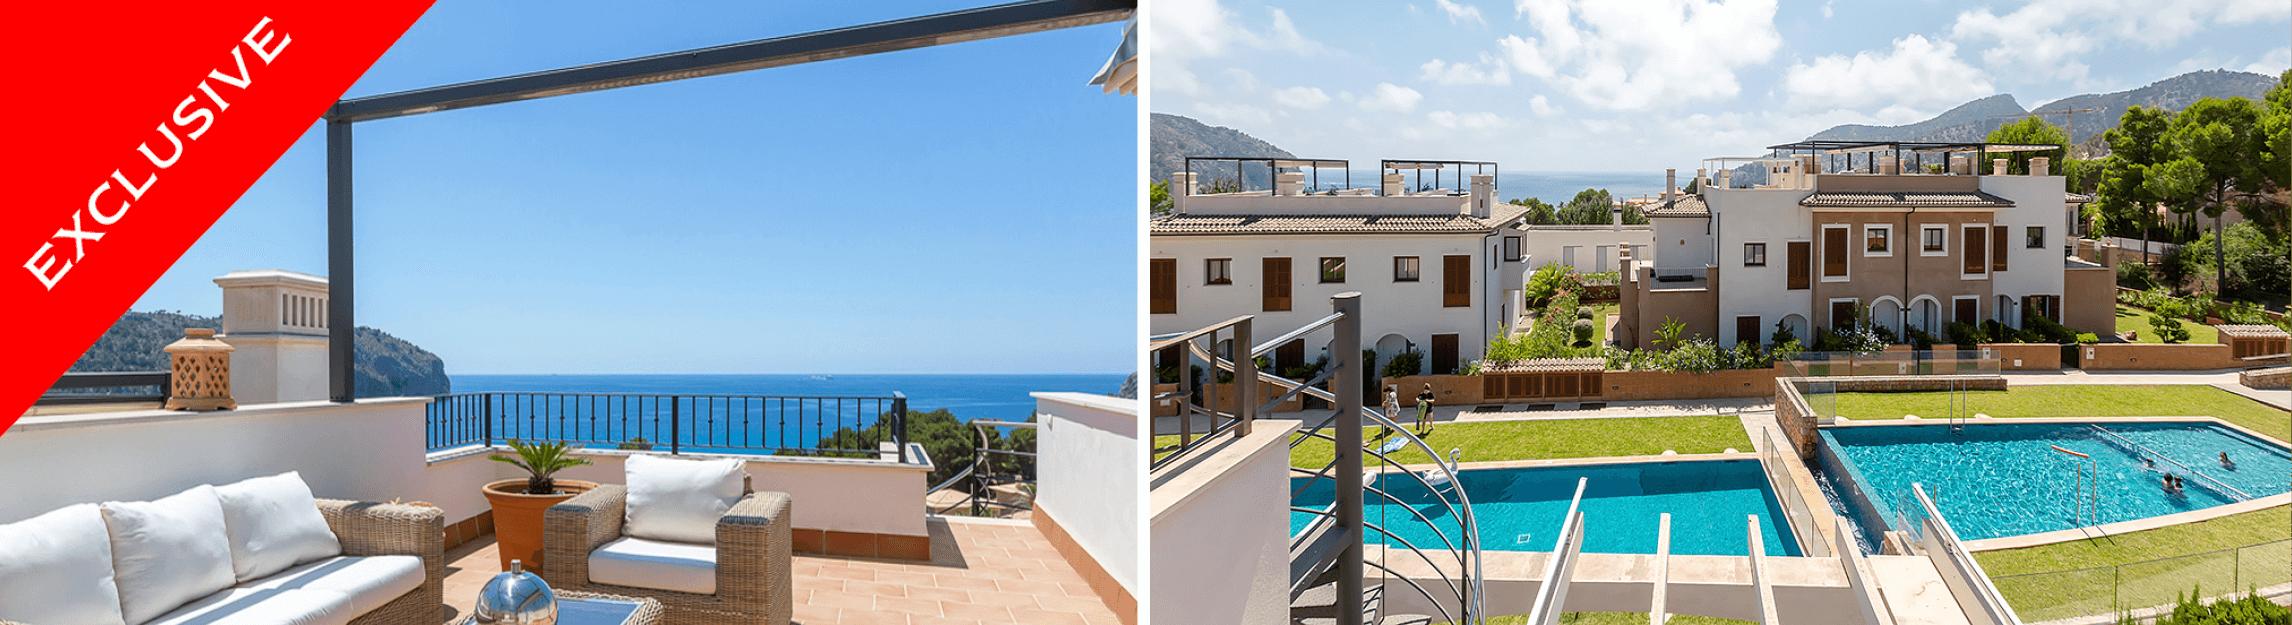 Properties under 800K4 - Camp de Mar